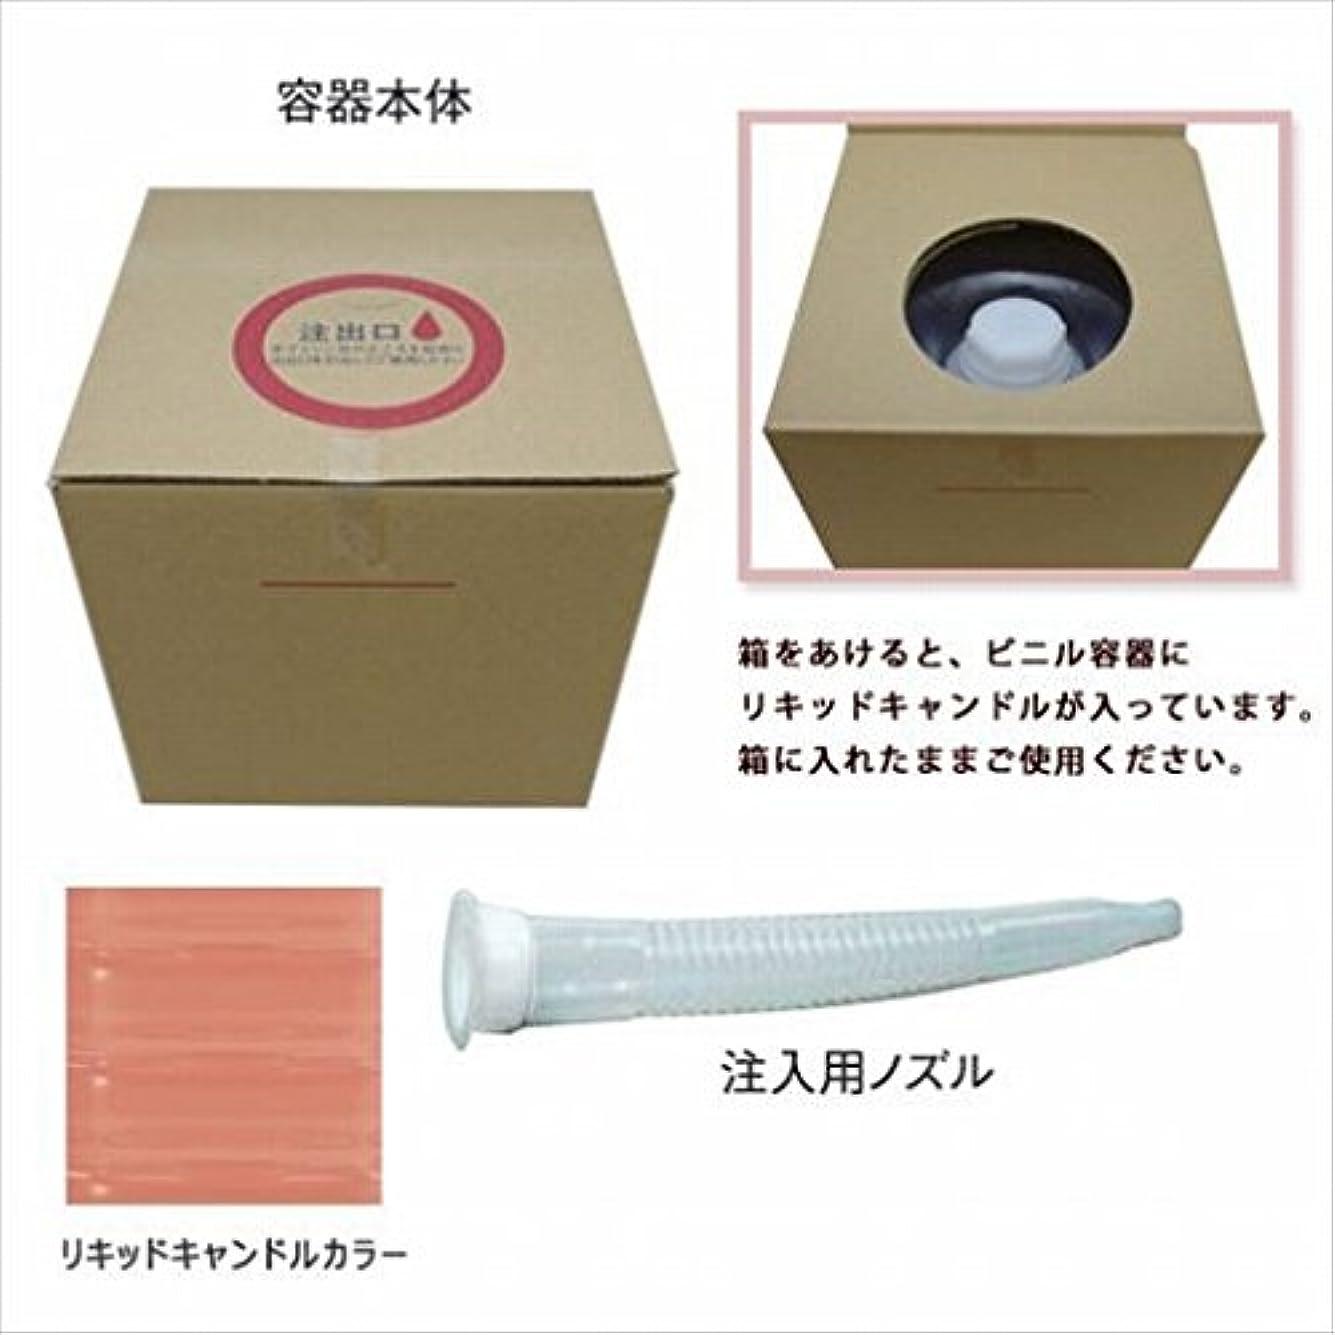 ドラフト実用的ブラウザカメヤマキャンドル( kameyama candle ) リキッドキャンドル5リットル 「 ピンクゴールド 」